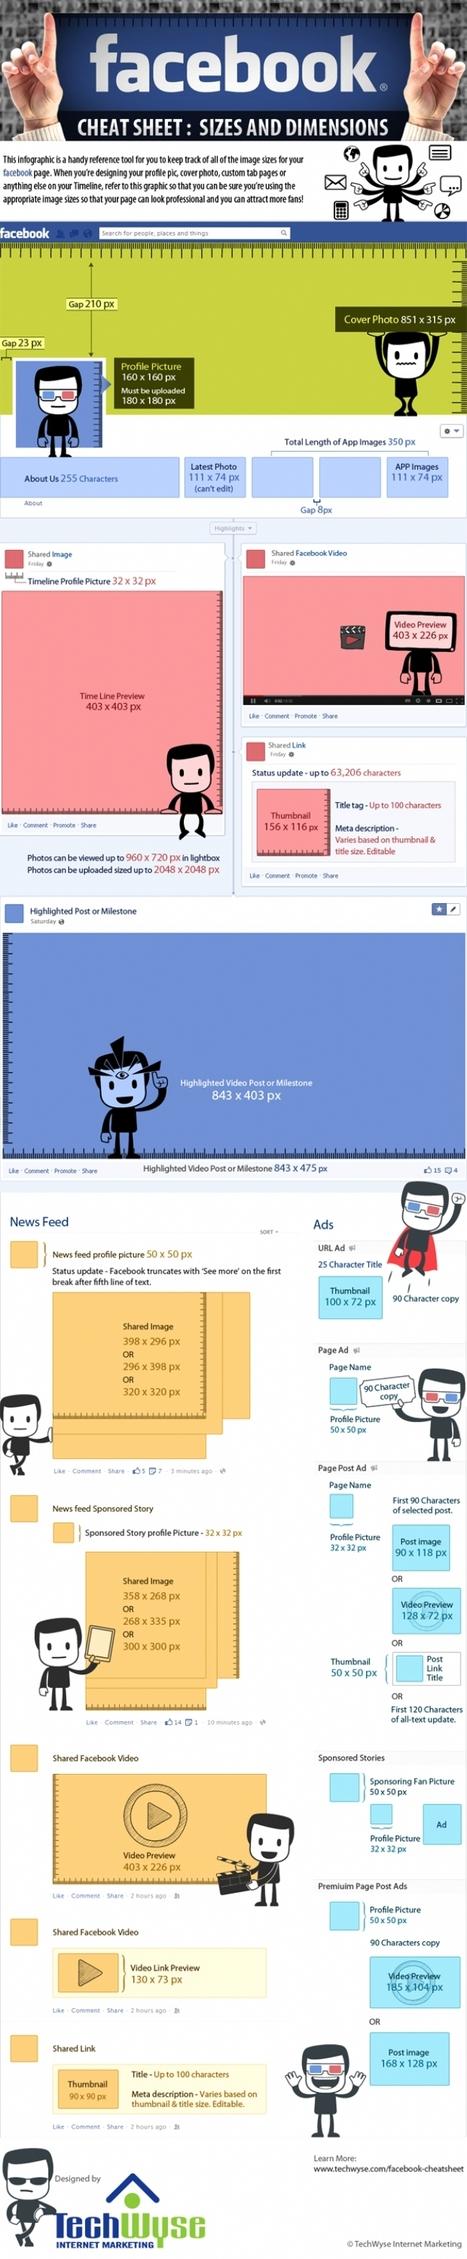 Infographie : Fan page : une antisèche pour optimiser ses visuels | Time to Learn | Scoop.it